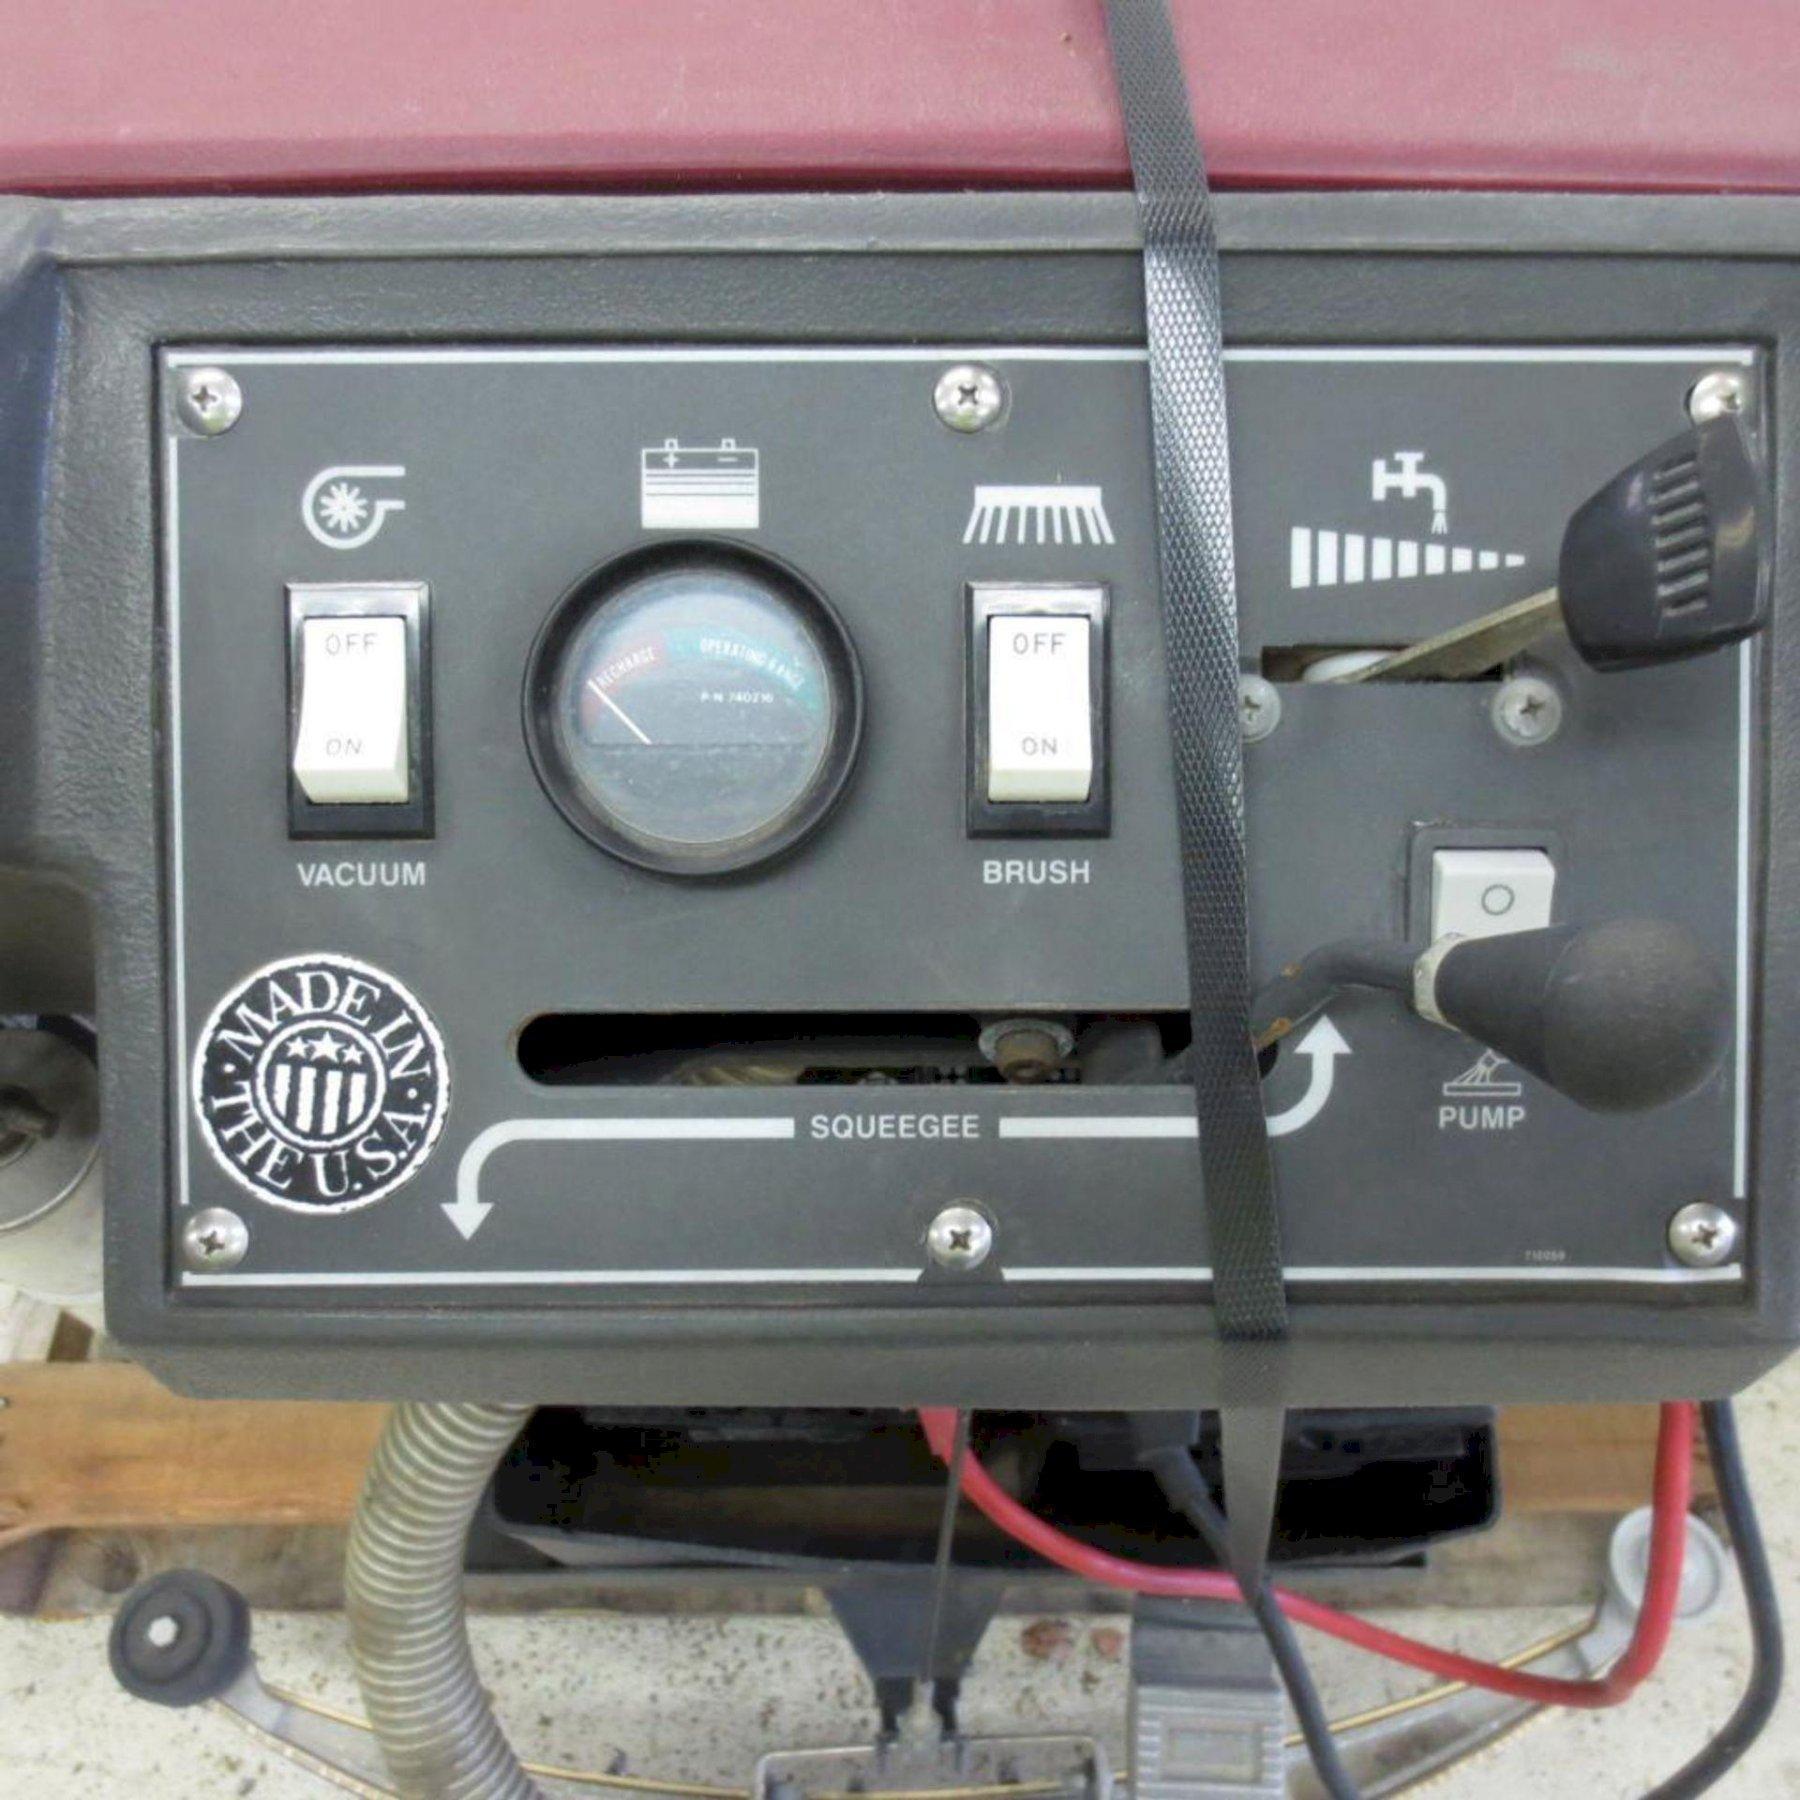 20' MINUTEMAN ELECTRIC FLOOR SCRUBBER: STOCK #73445